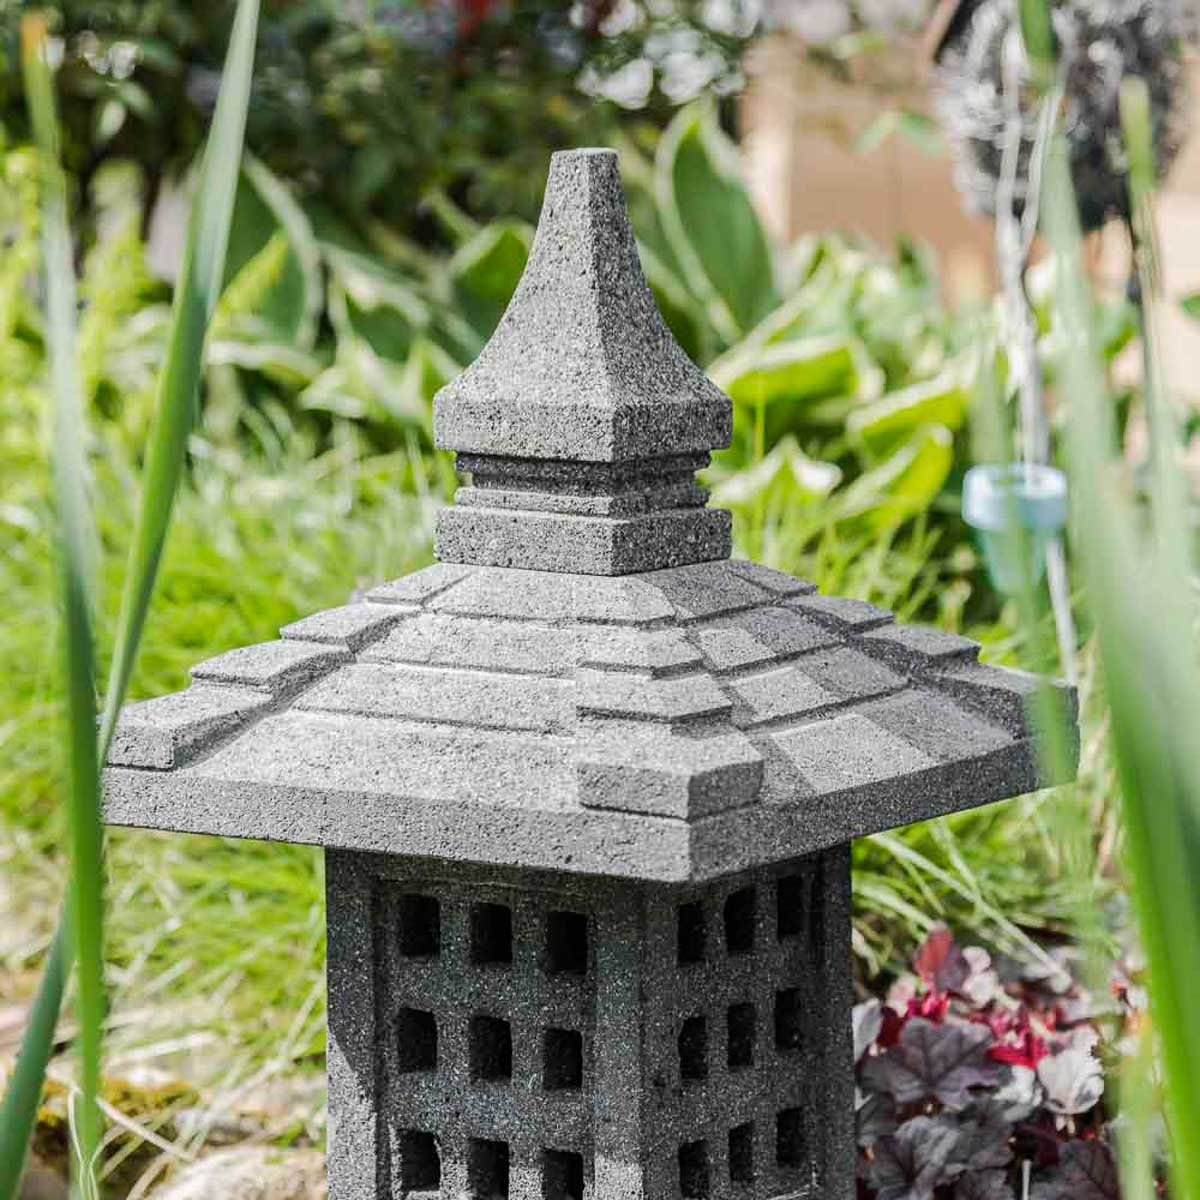 unique lanterne japonaise jardin id es de salon de jardin. Black Bedroom Furniture Sets. Home Design Ideas